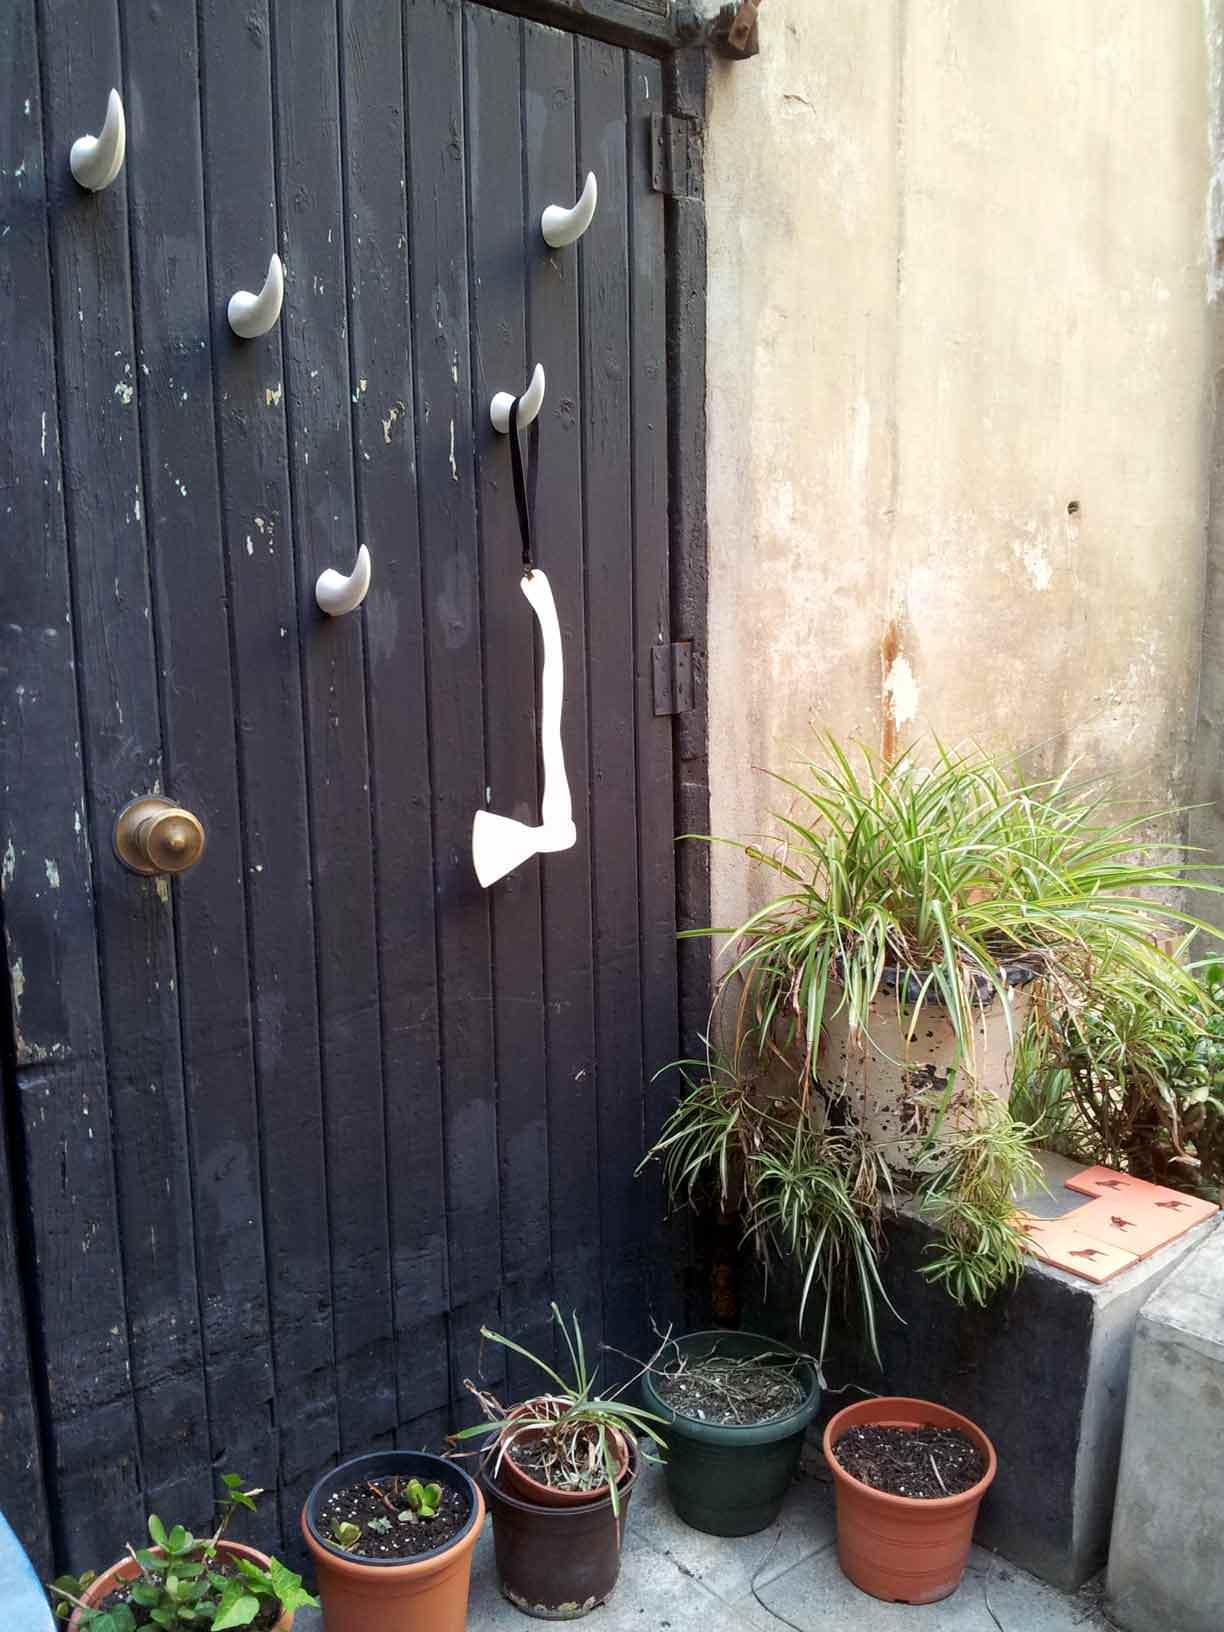 Instalació amb Banyuts